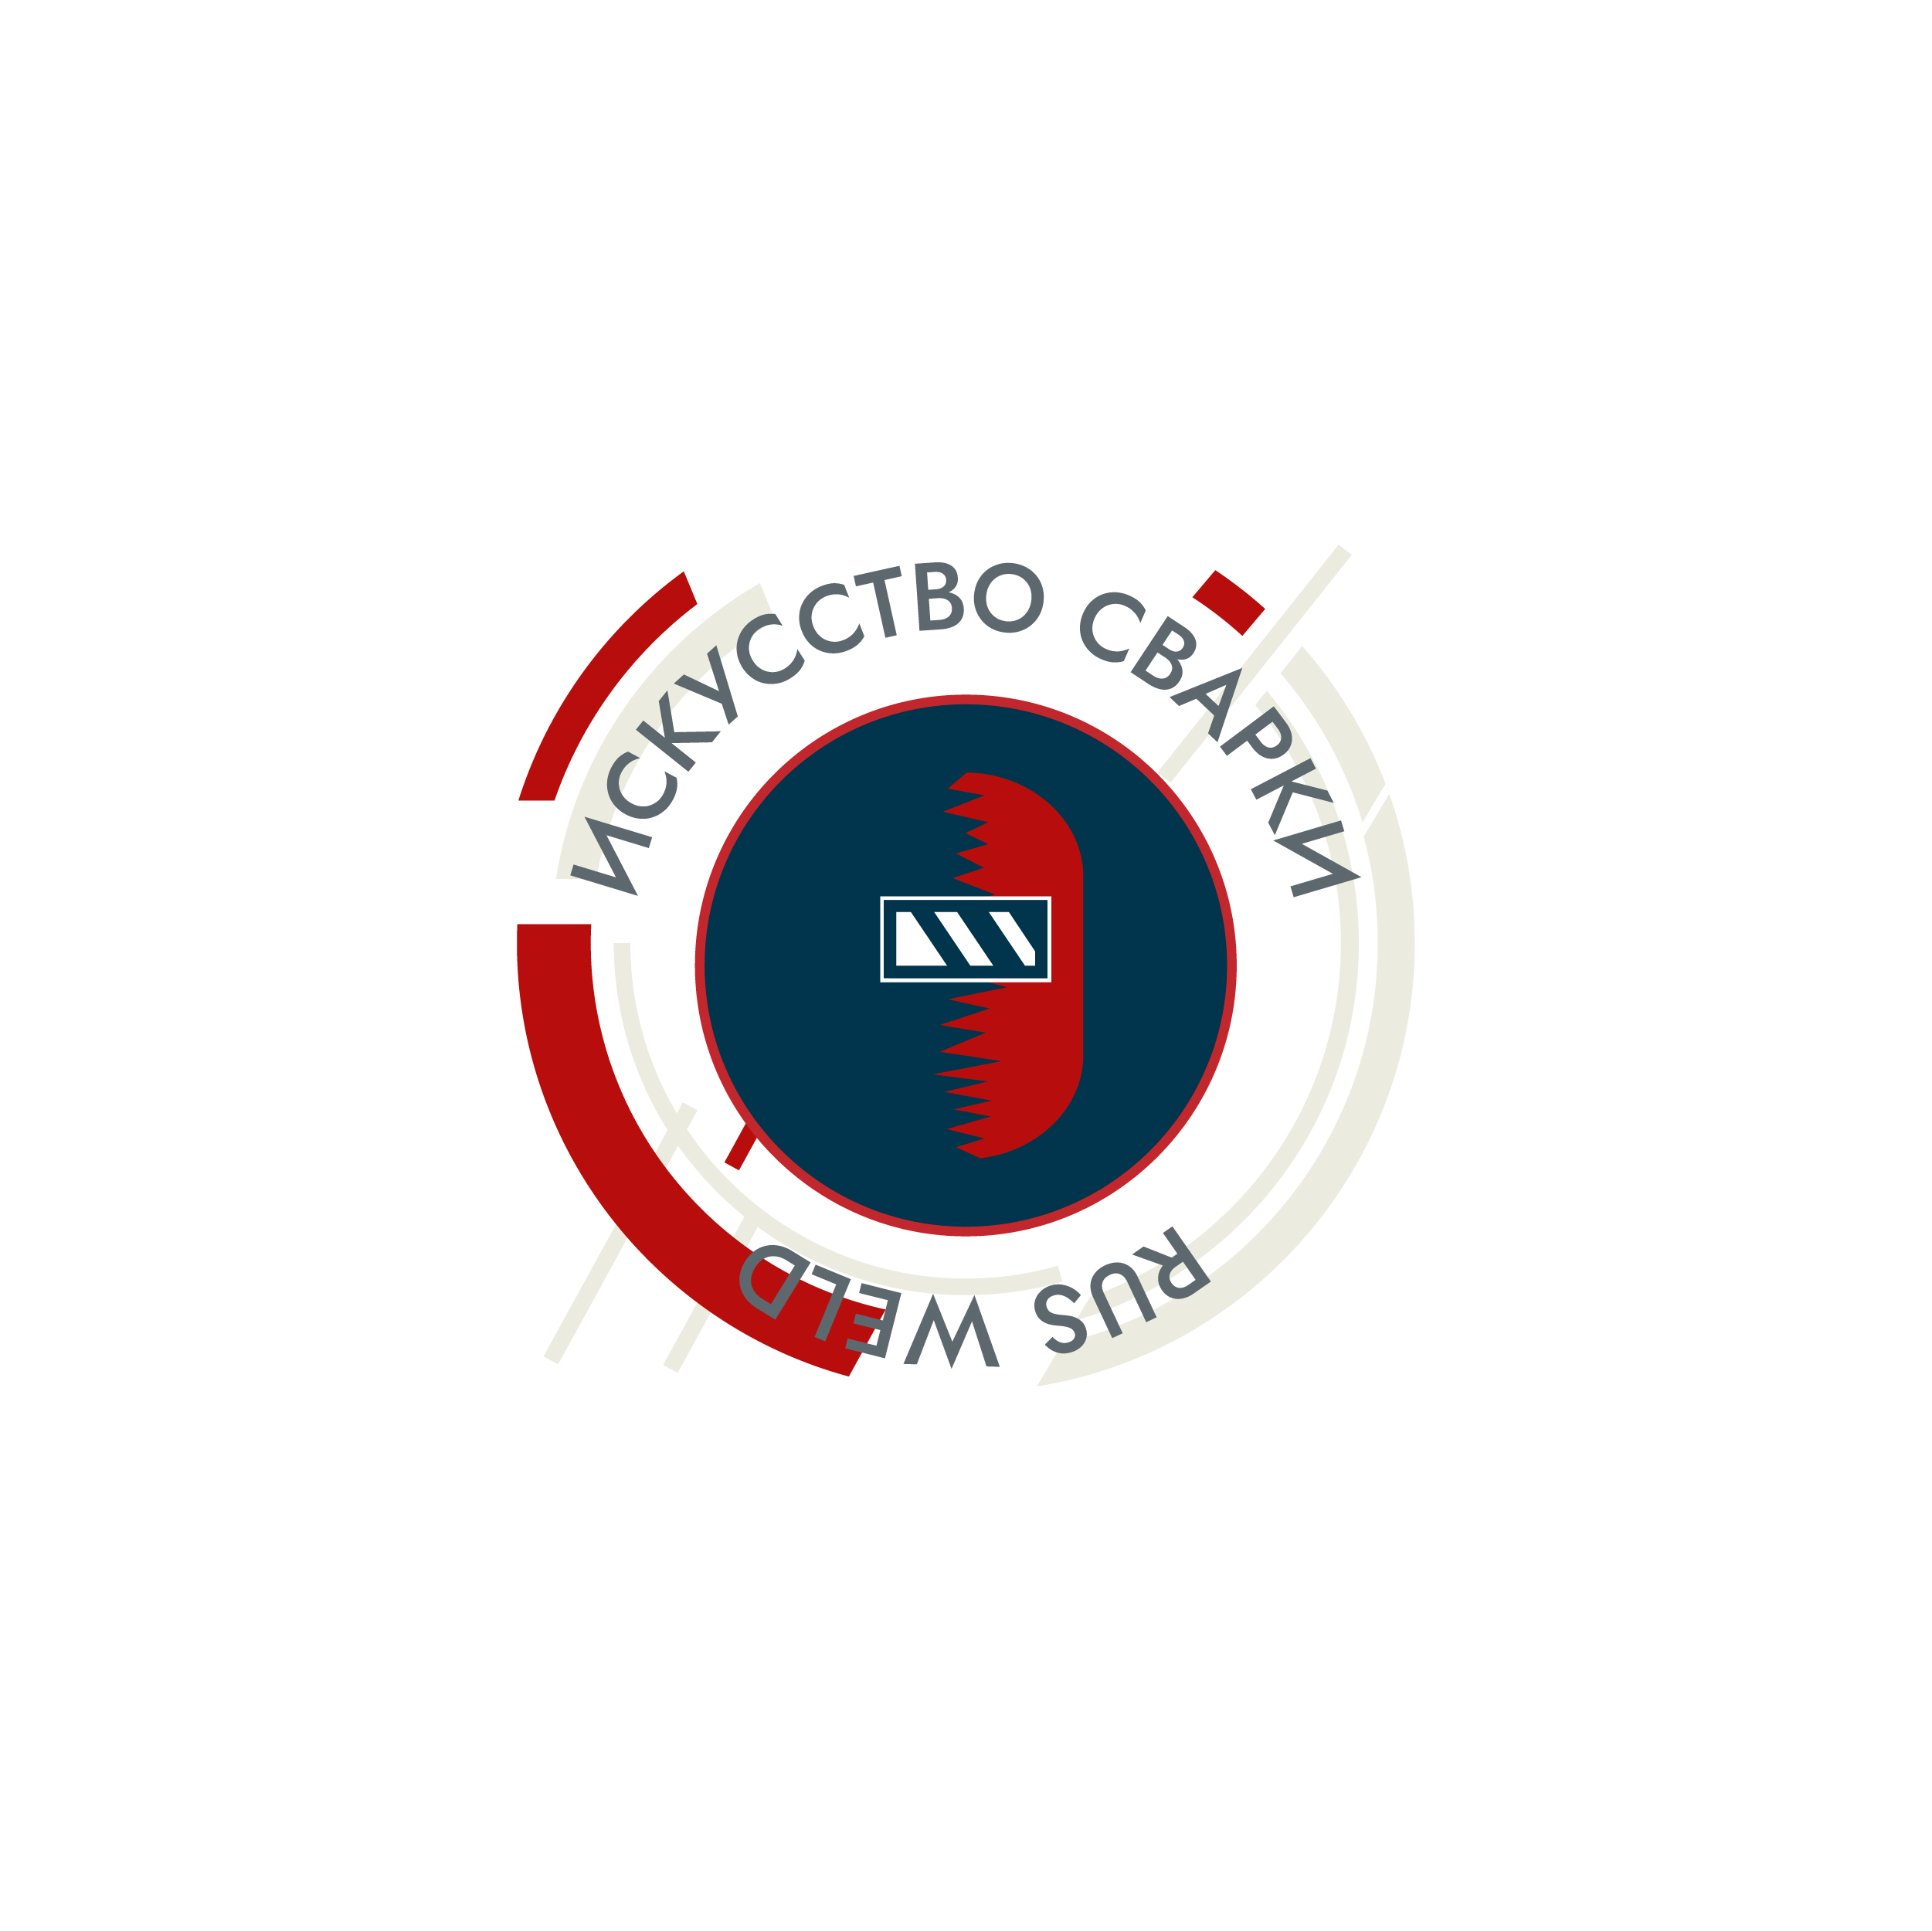 Разработка логотипа для Конкурса фото f_3935f6d5bcb21e18.jpg